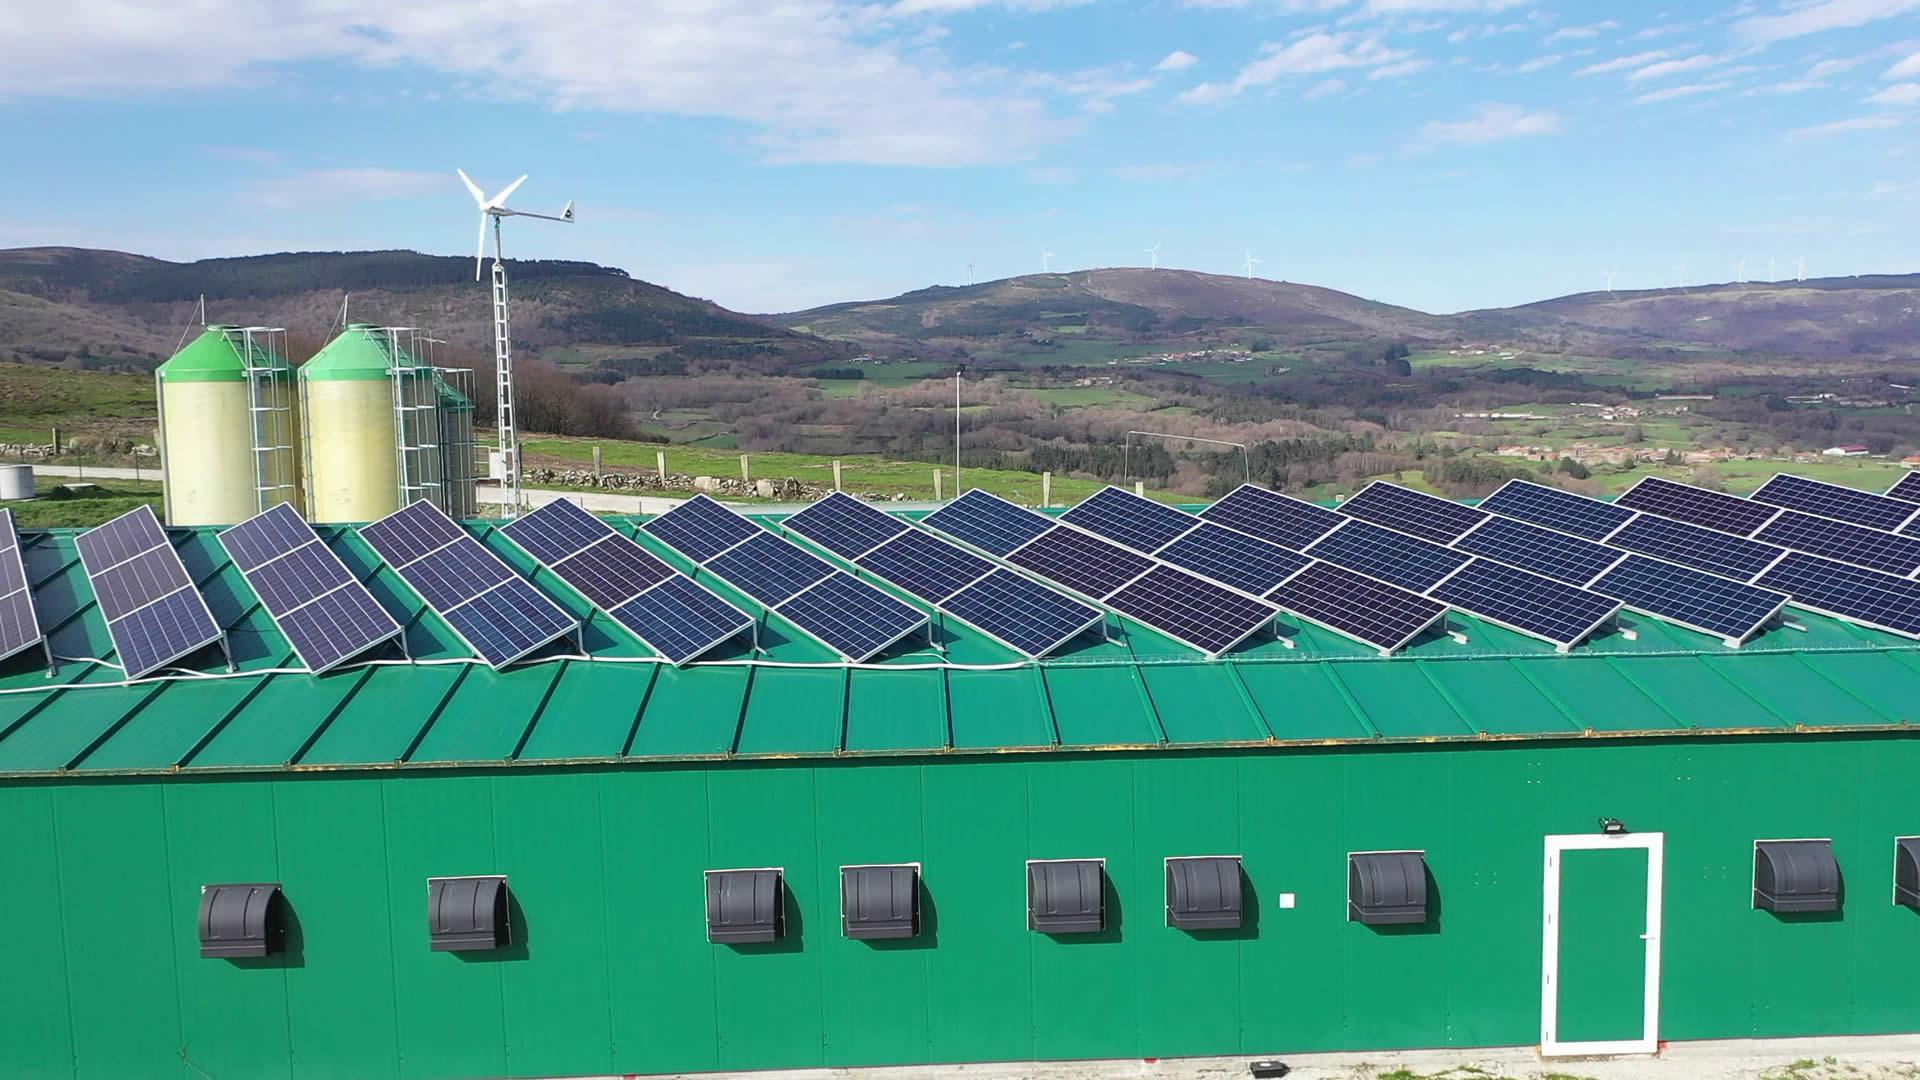 Instalación de autoconsumo híbrida aislada fotovoltaica eólica en Granja Cas de Pedro, Lugo - Eidf Solar